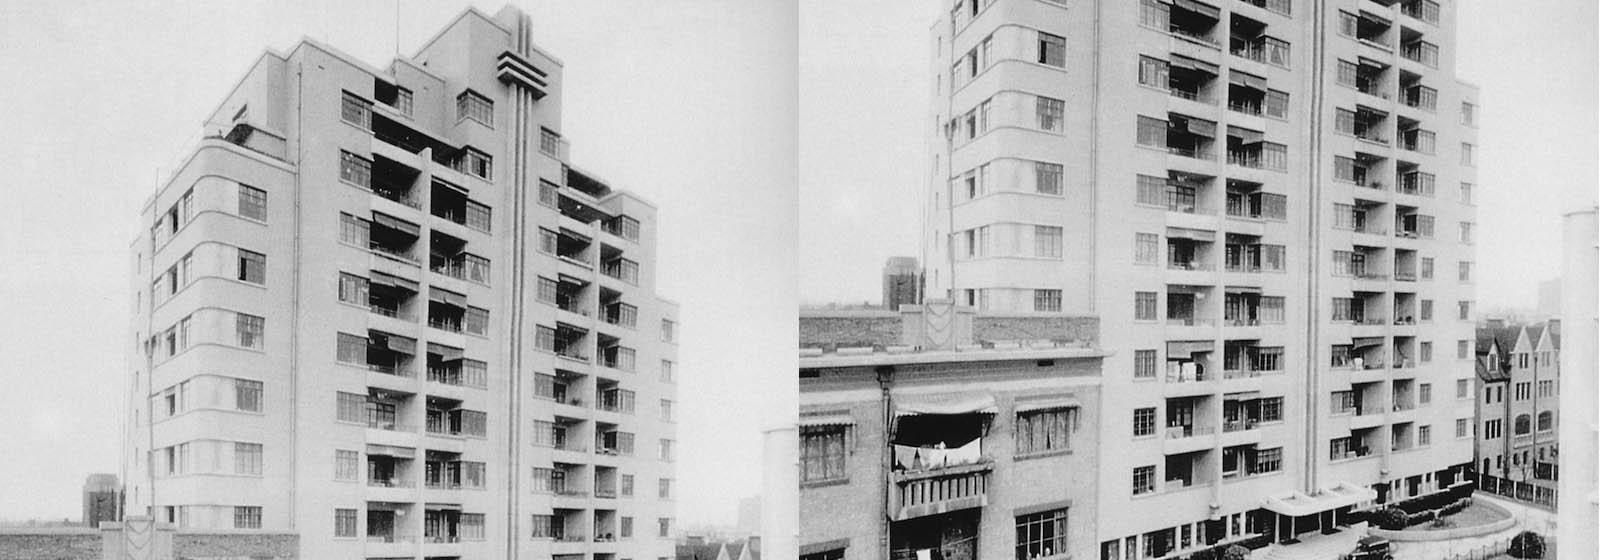 Апартаменты Гасконь — икона шанхайского ар-деко